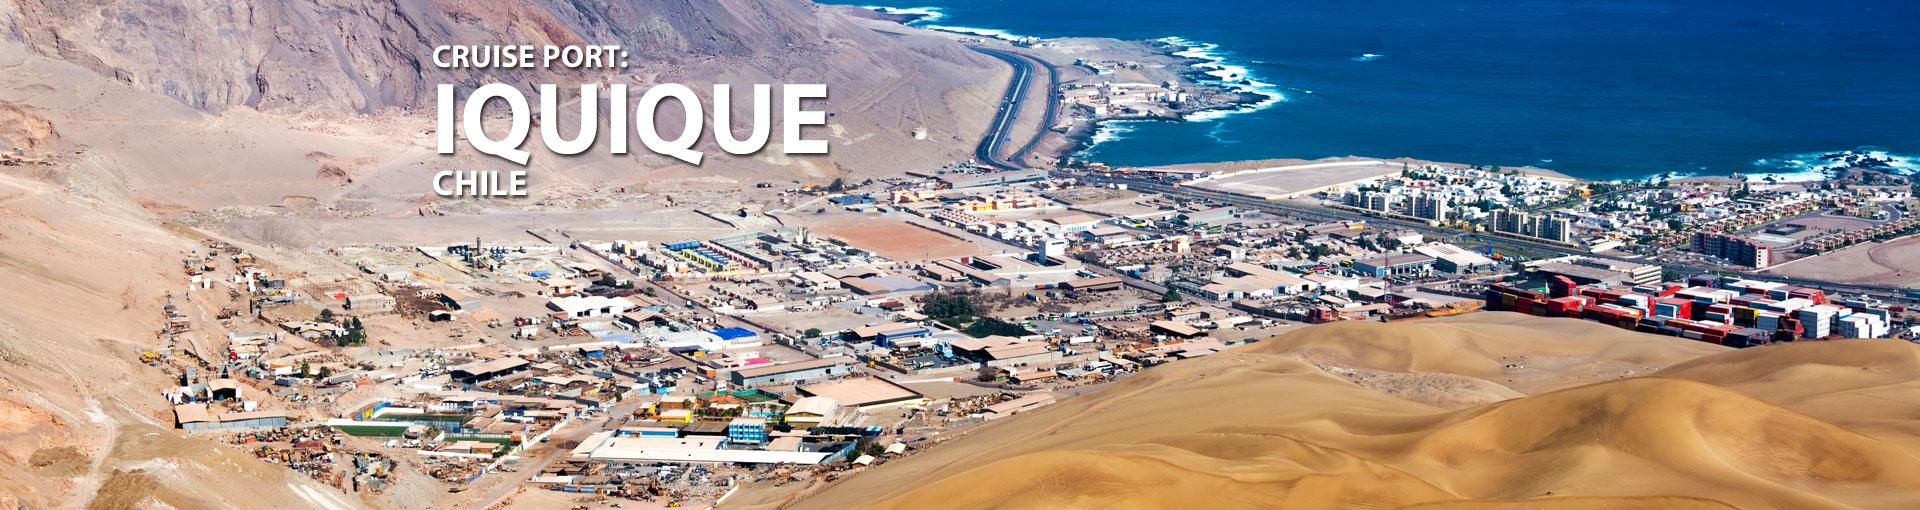 Cruises to Iquique, Chile